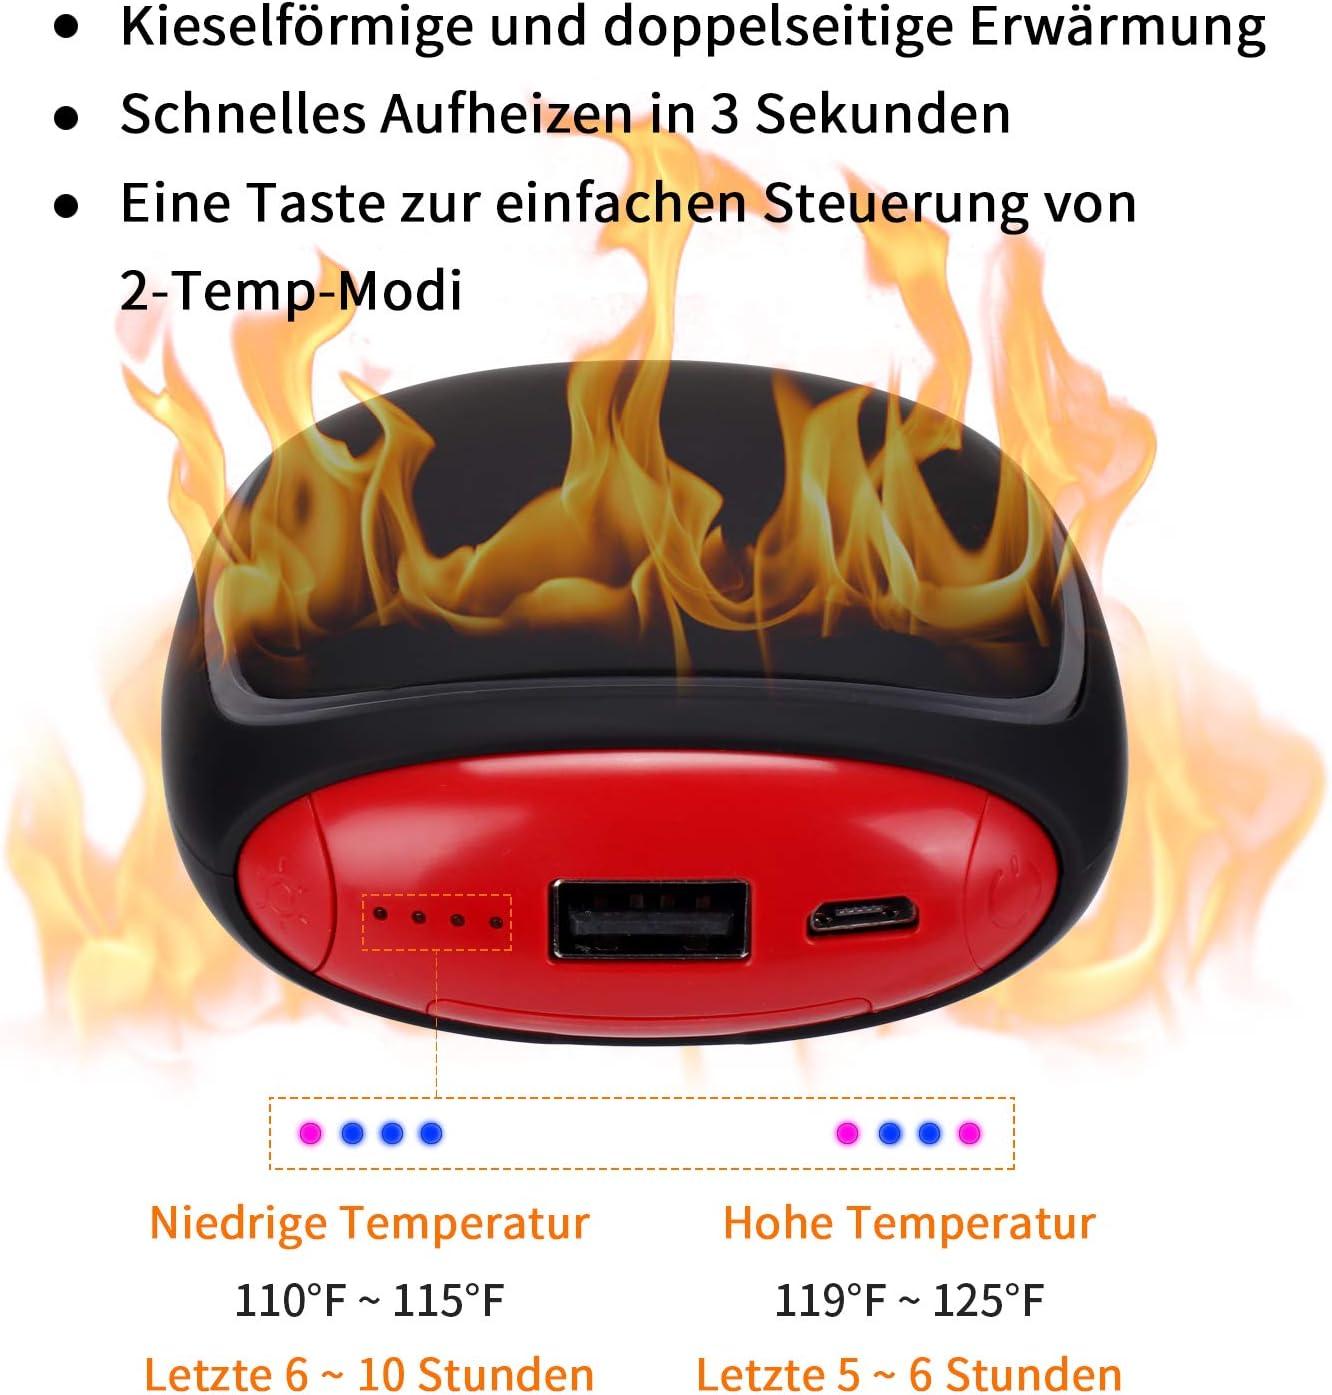 PEYOU Handw/ärmer USB Externe Backup Ladeger/ät Akku f/ür Smartphones Handw/ärmer Wiederaufladbare Powerbank 5200 mAh mit LED Taschenlampe Gro/ße Kapazit/ät und doppelseitige Heizung f/ür M/ädchen M/änner